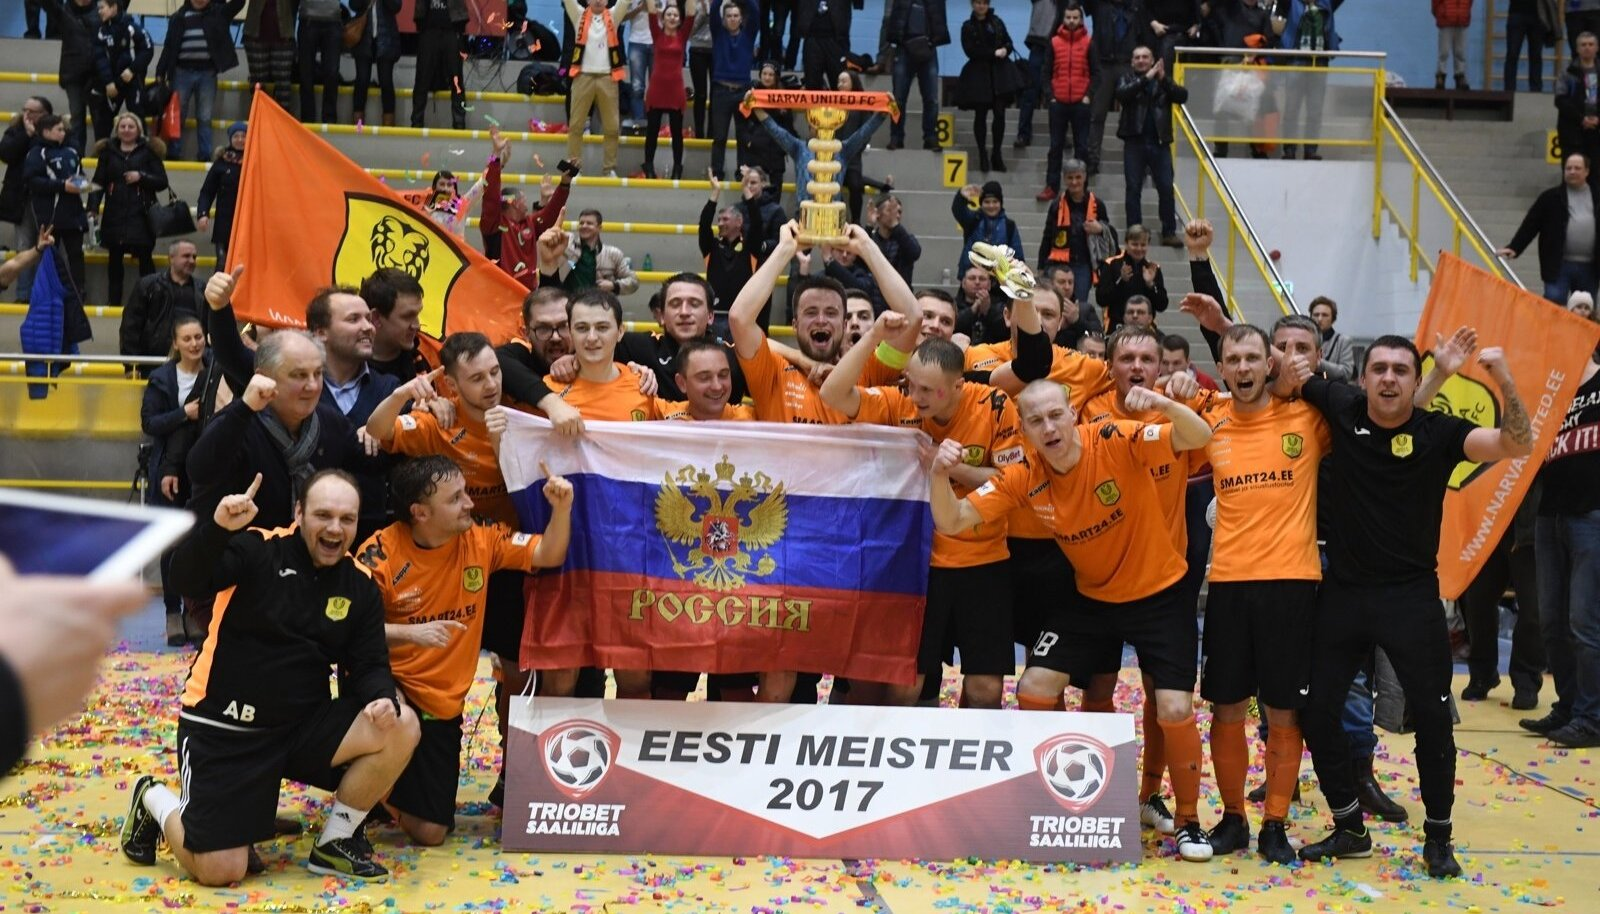 Narva United